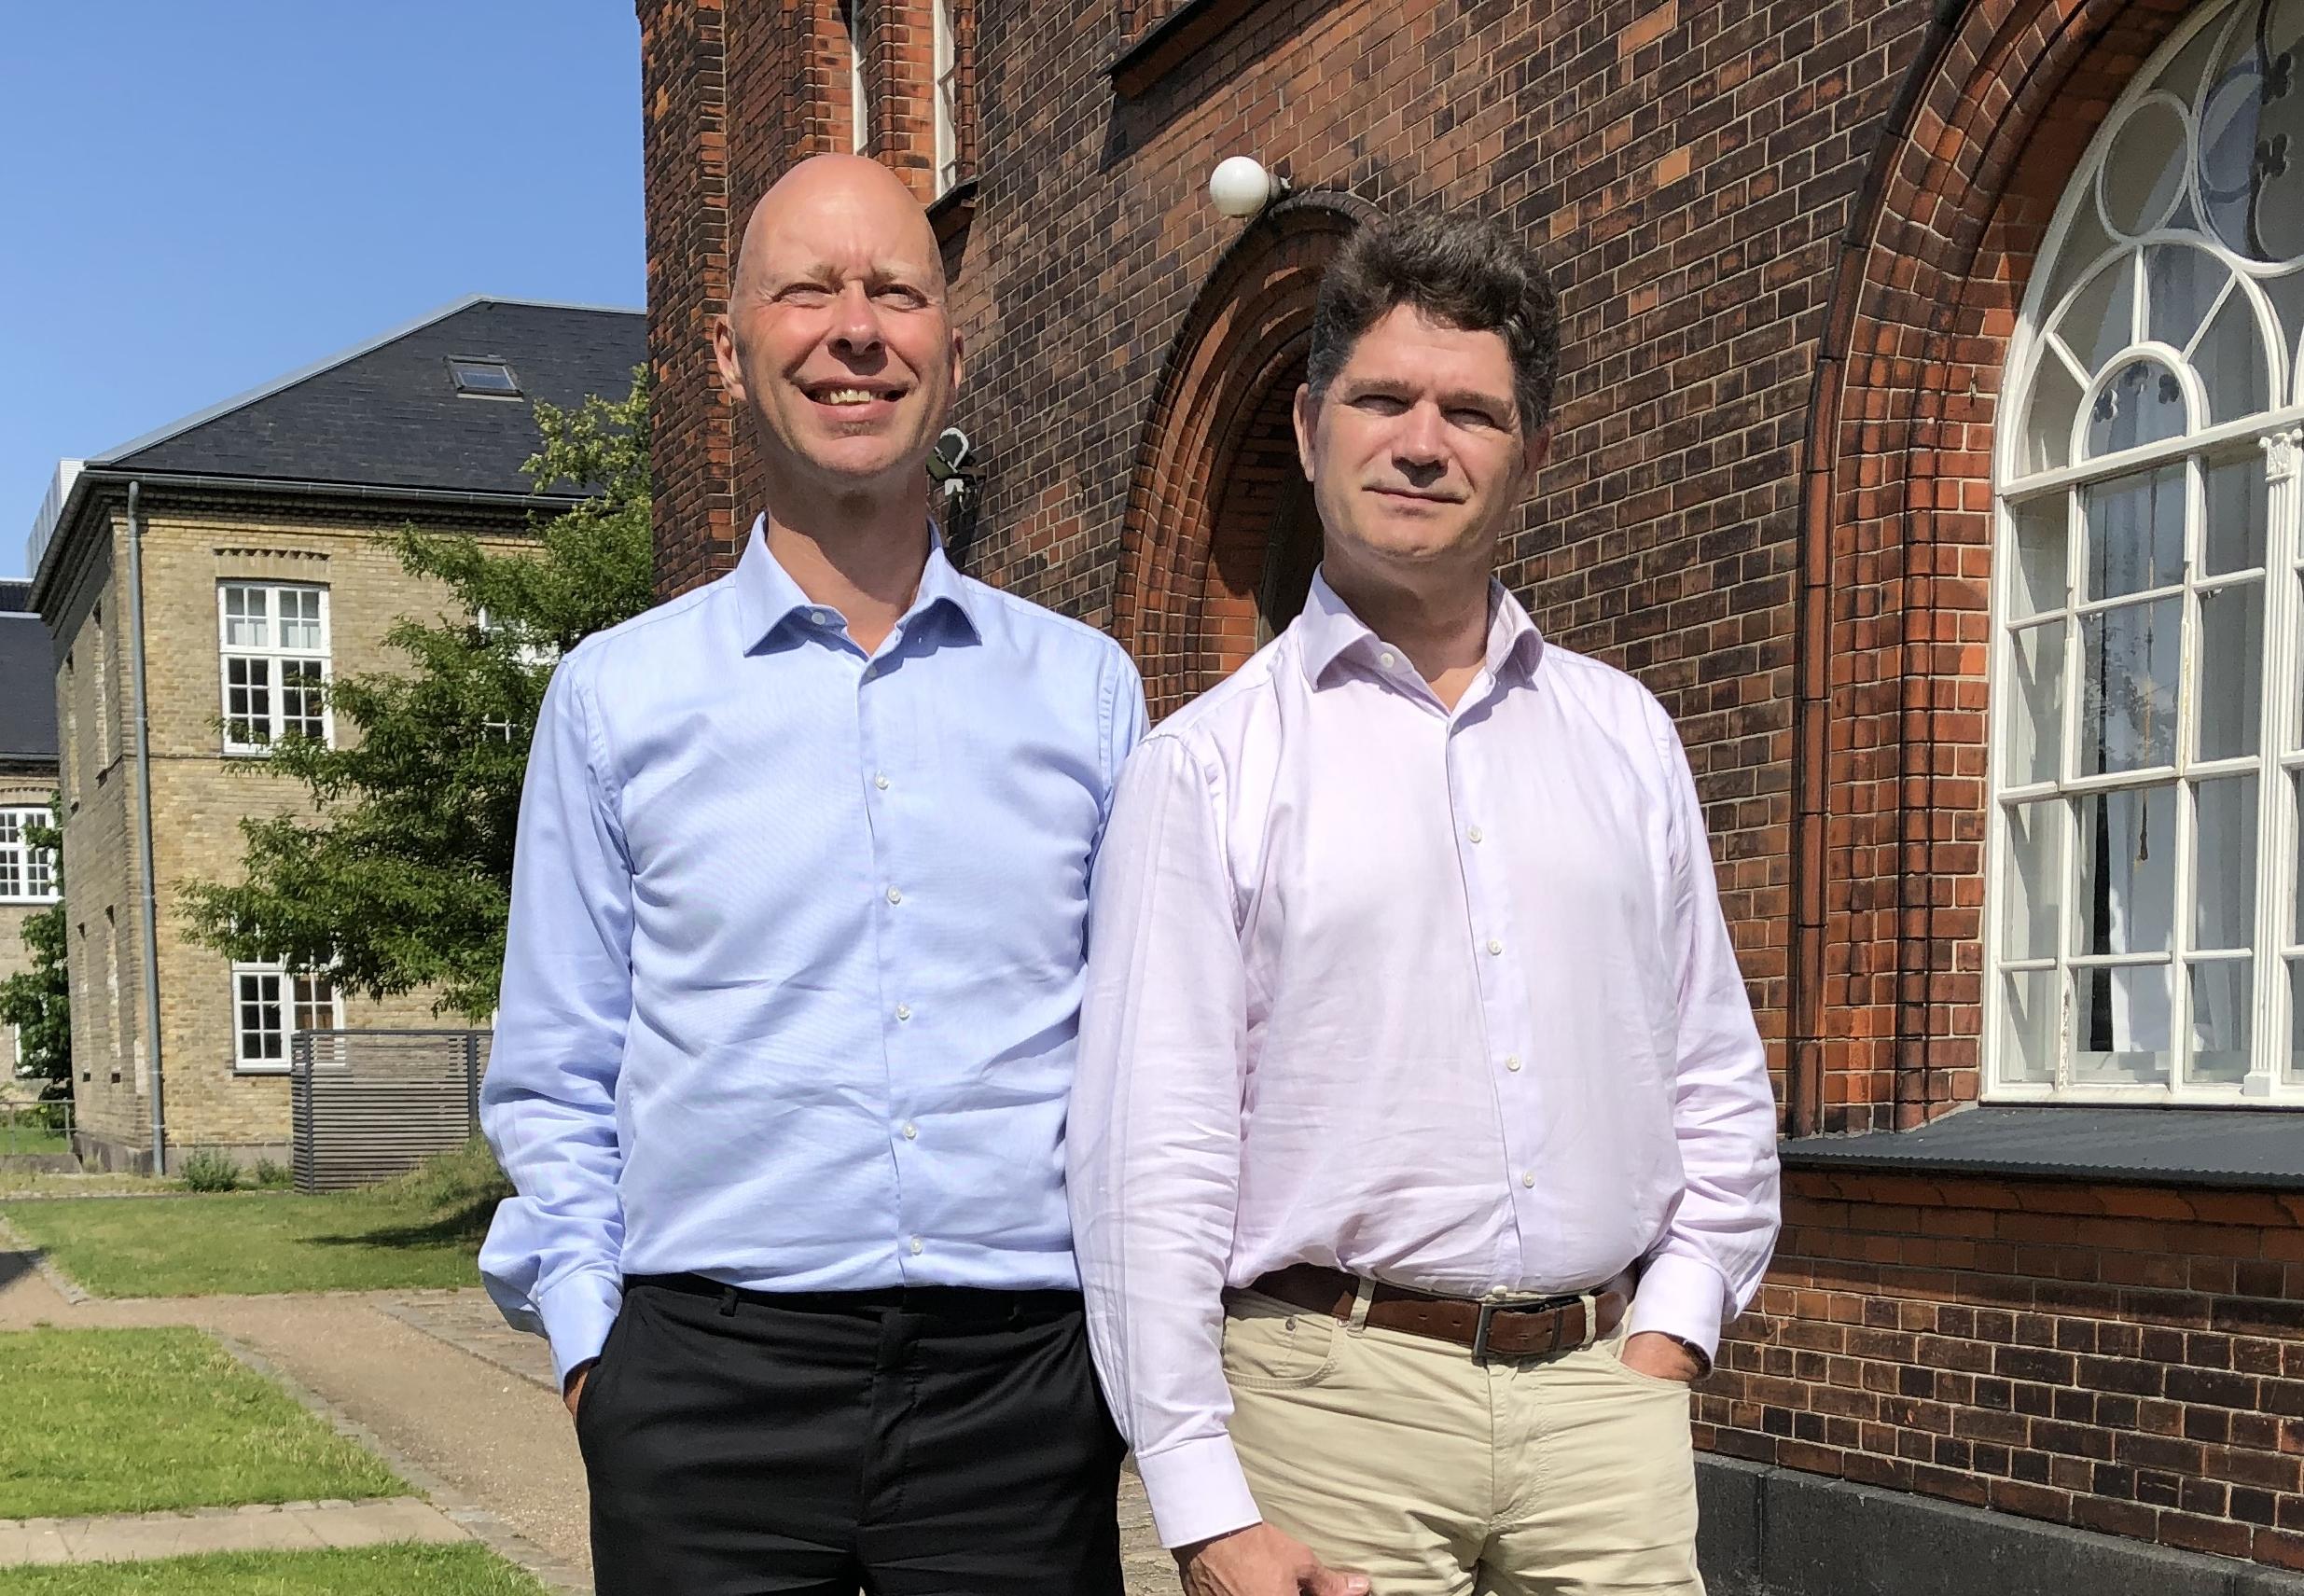 Makkerparret bag Silver Tray, Peter Rasmussen, til venstre, og Jesper Rovsing Olsen. Privatfoto.